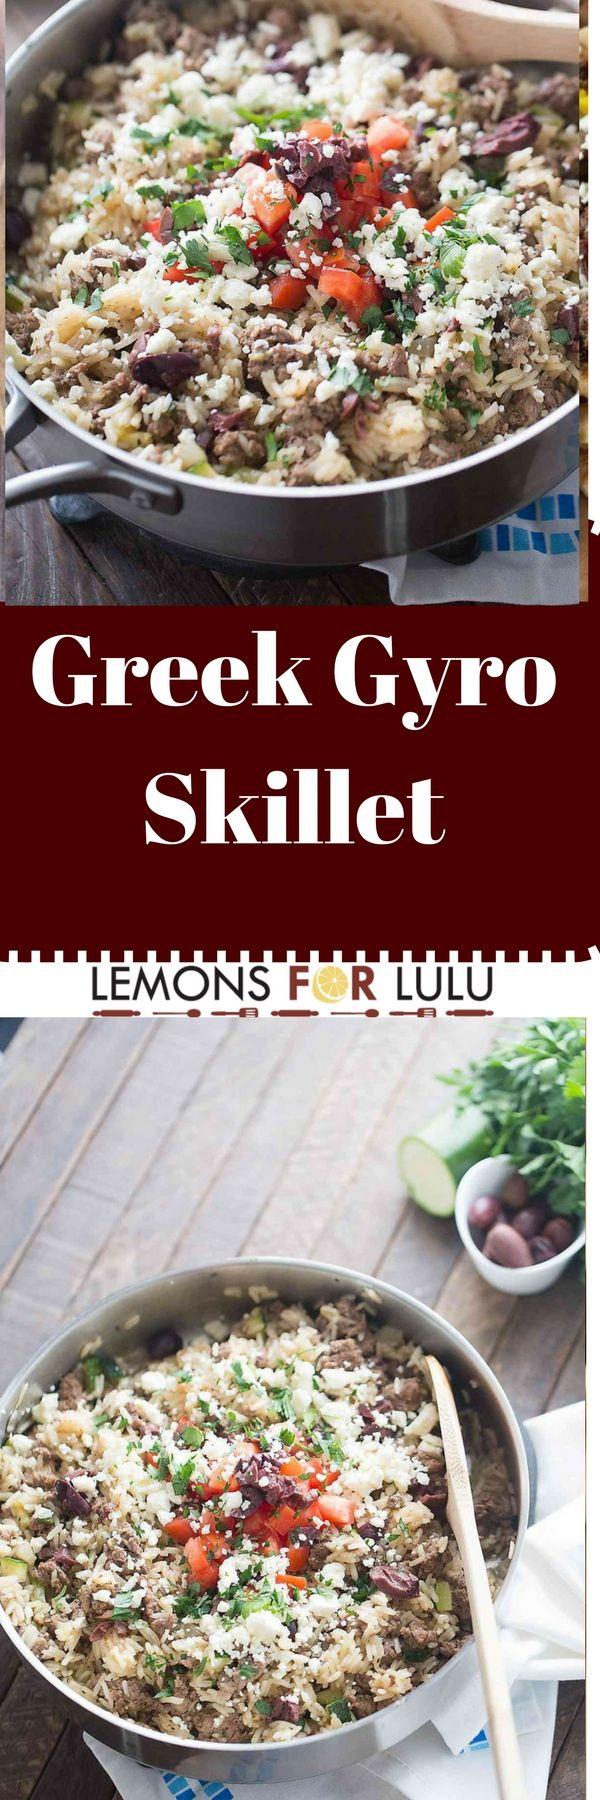 Lamb recipes easy greek